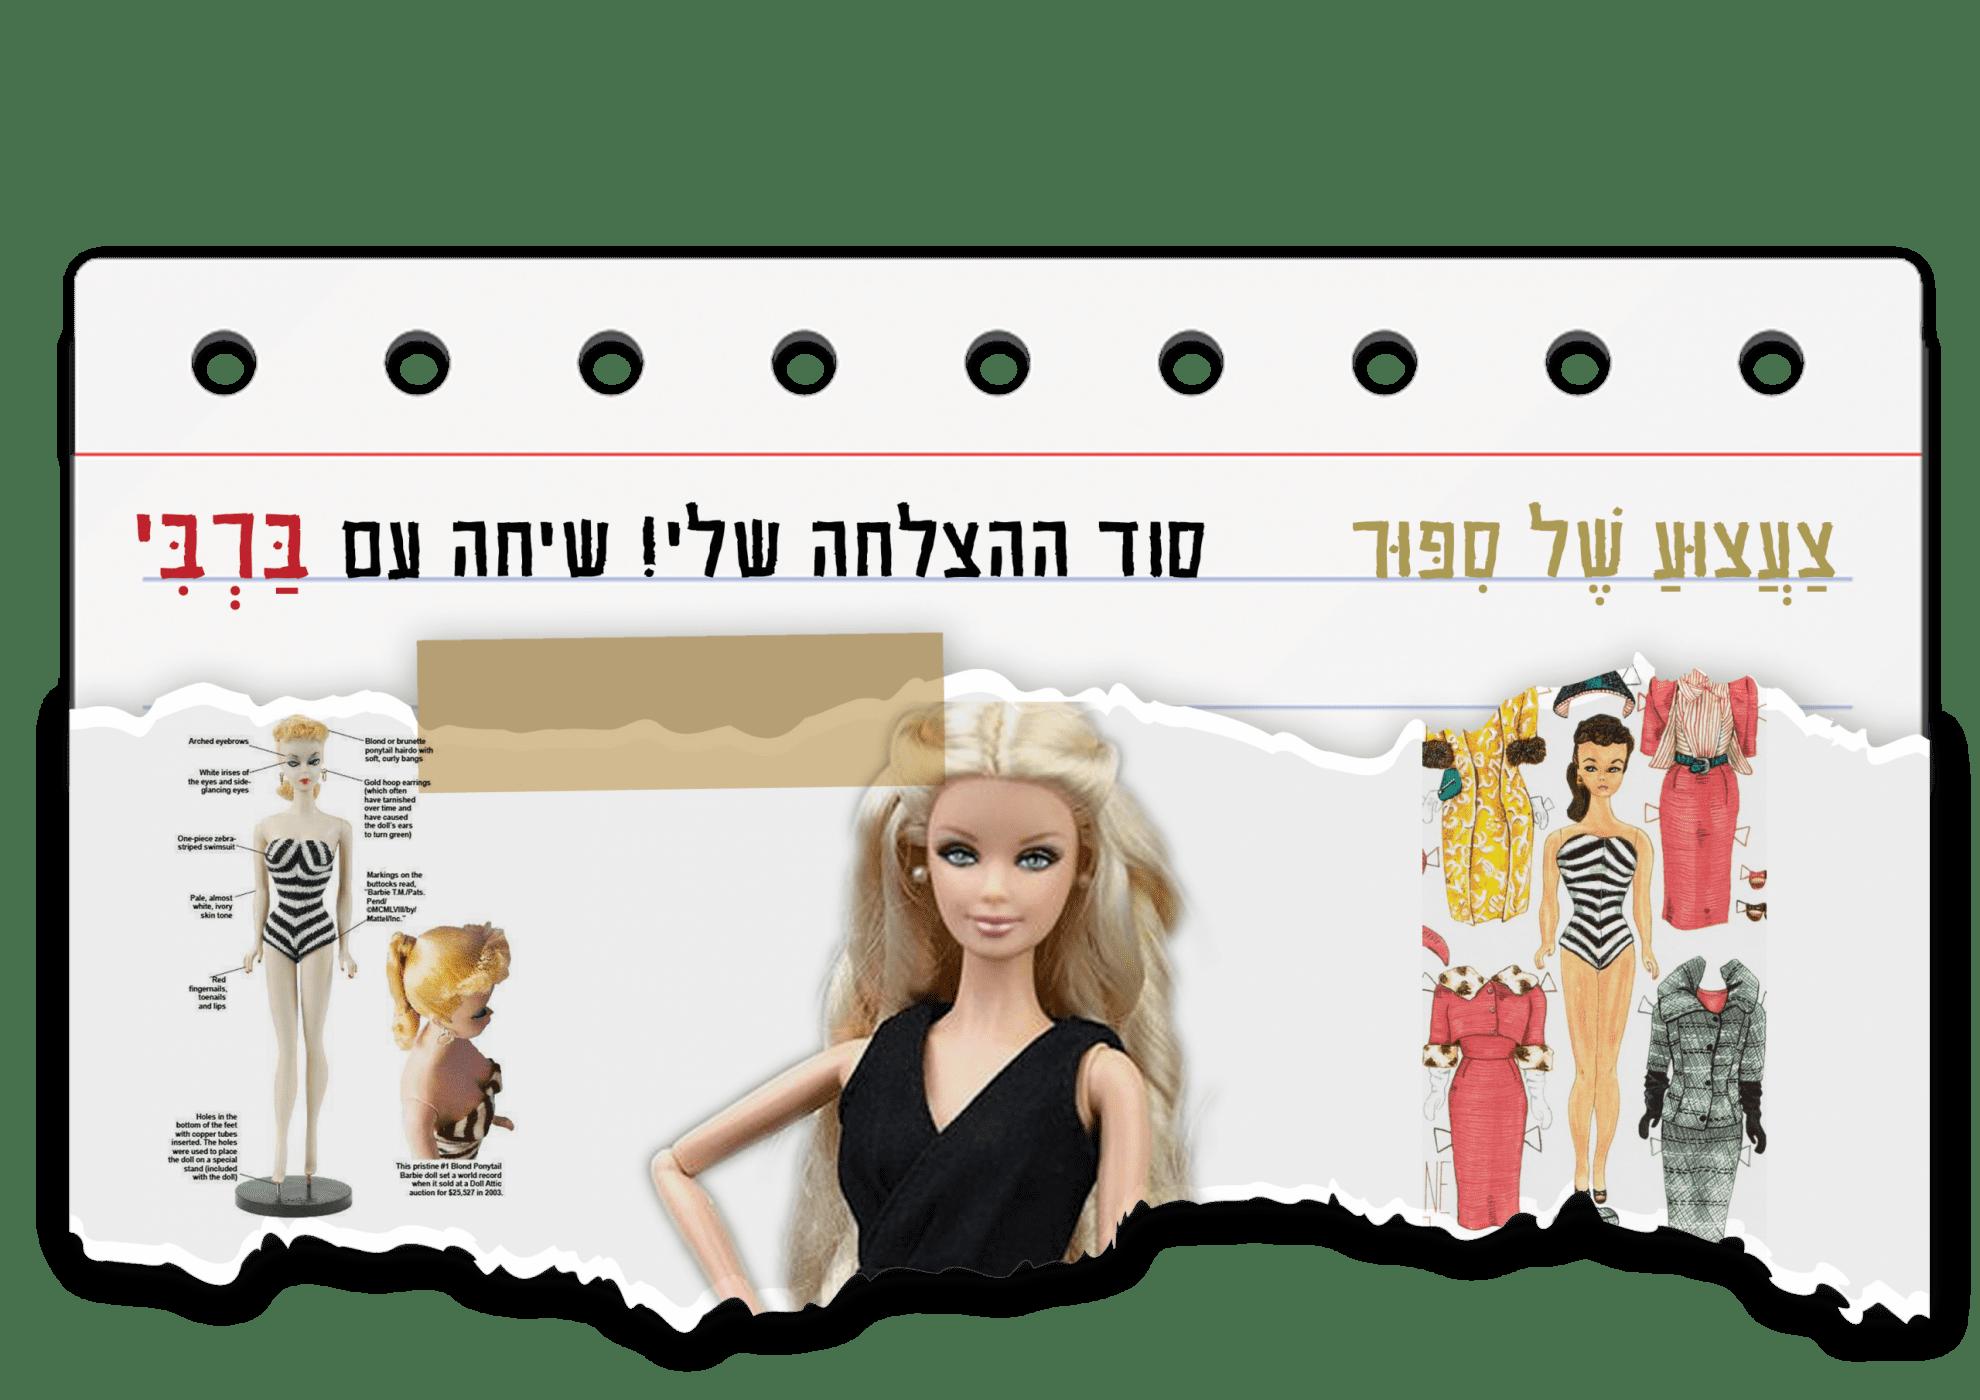 צעצוע של סיפור: הסיפור מאחורי – ברבי